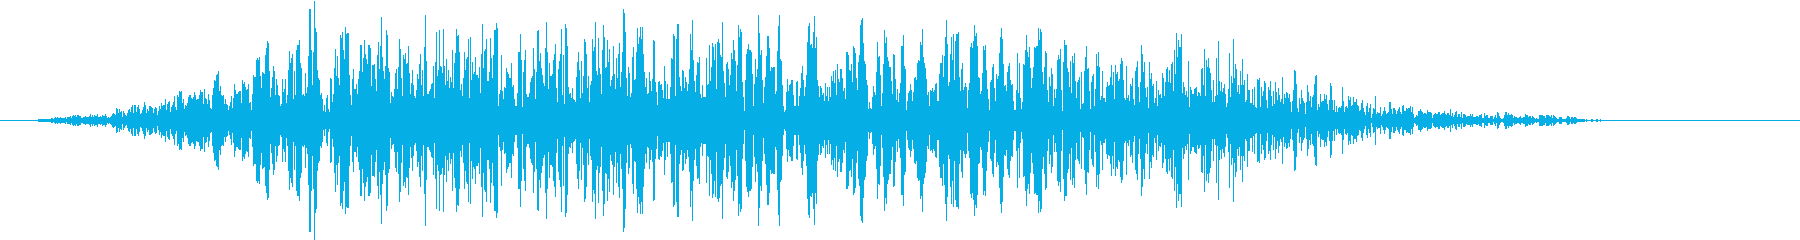 モンスター 悲鳴 48の再生済みの波形